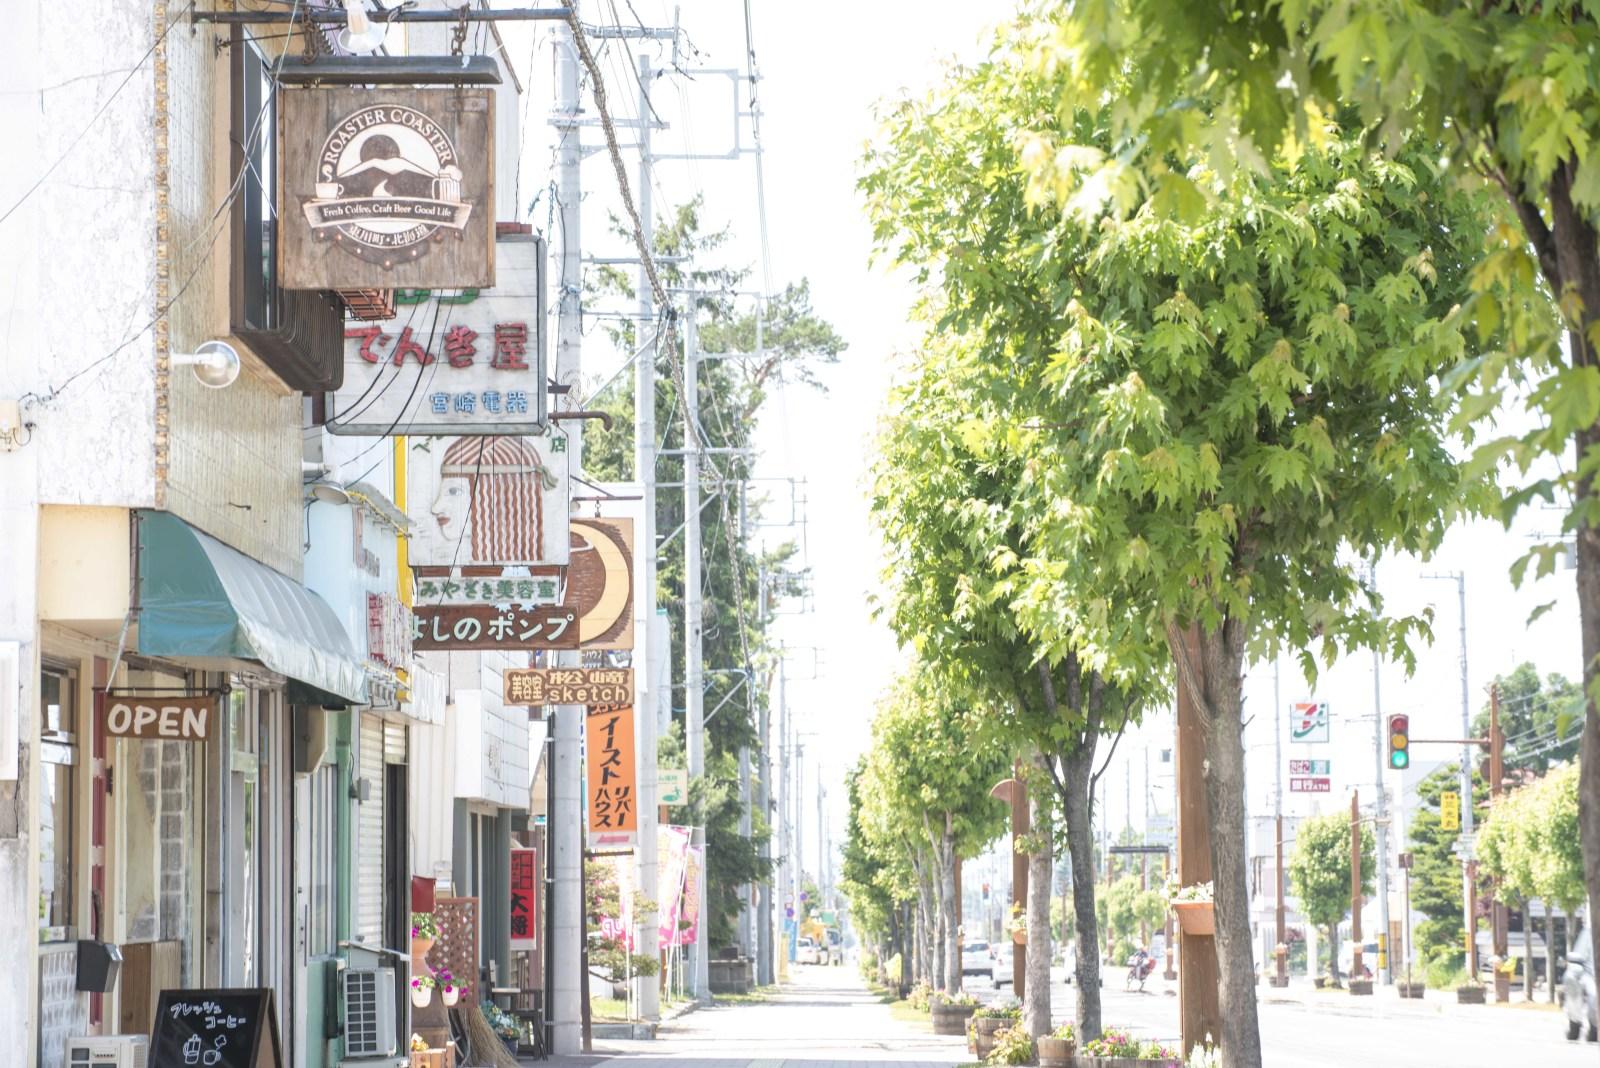 町内には暮らしを支え、彩ってくれる個性豊かな店が数多くある。